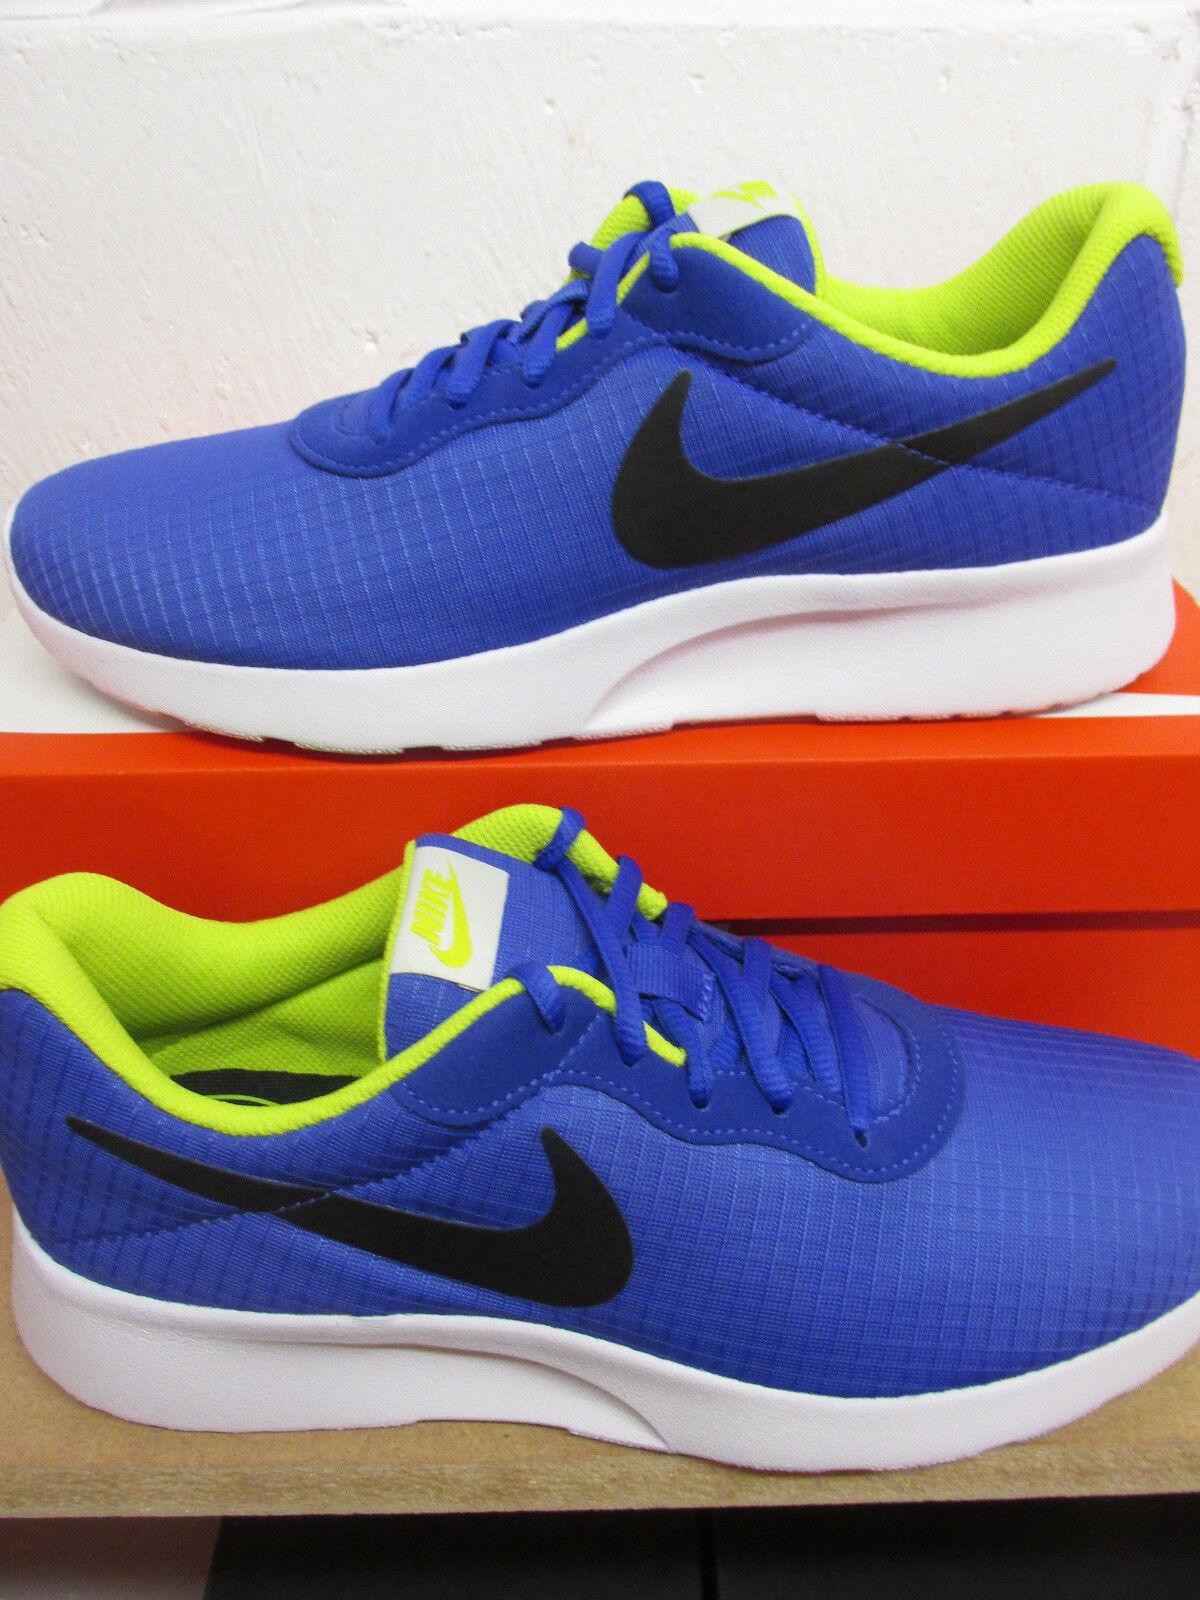 Nike Tanjun Prem Mens Sneakers Running Trainers 876899 400 Sneakers Mens Shoes e5ff67